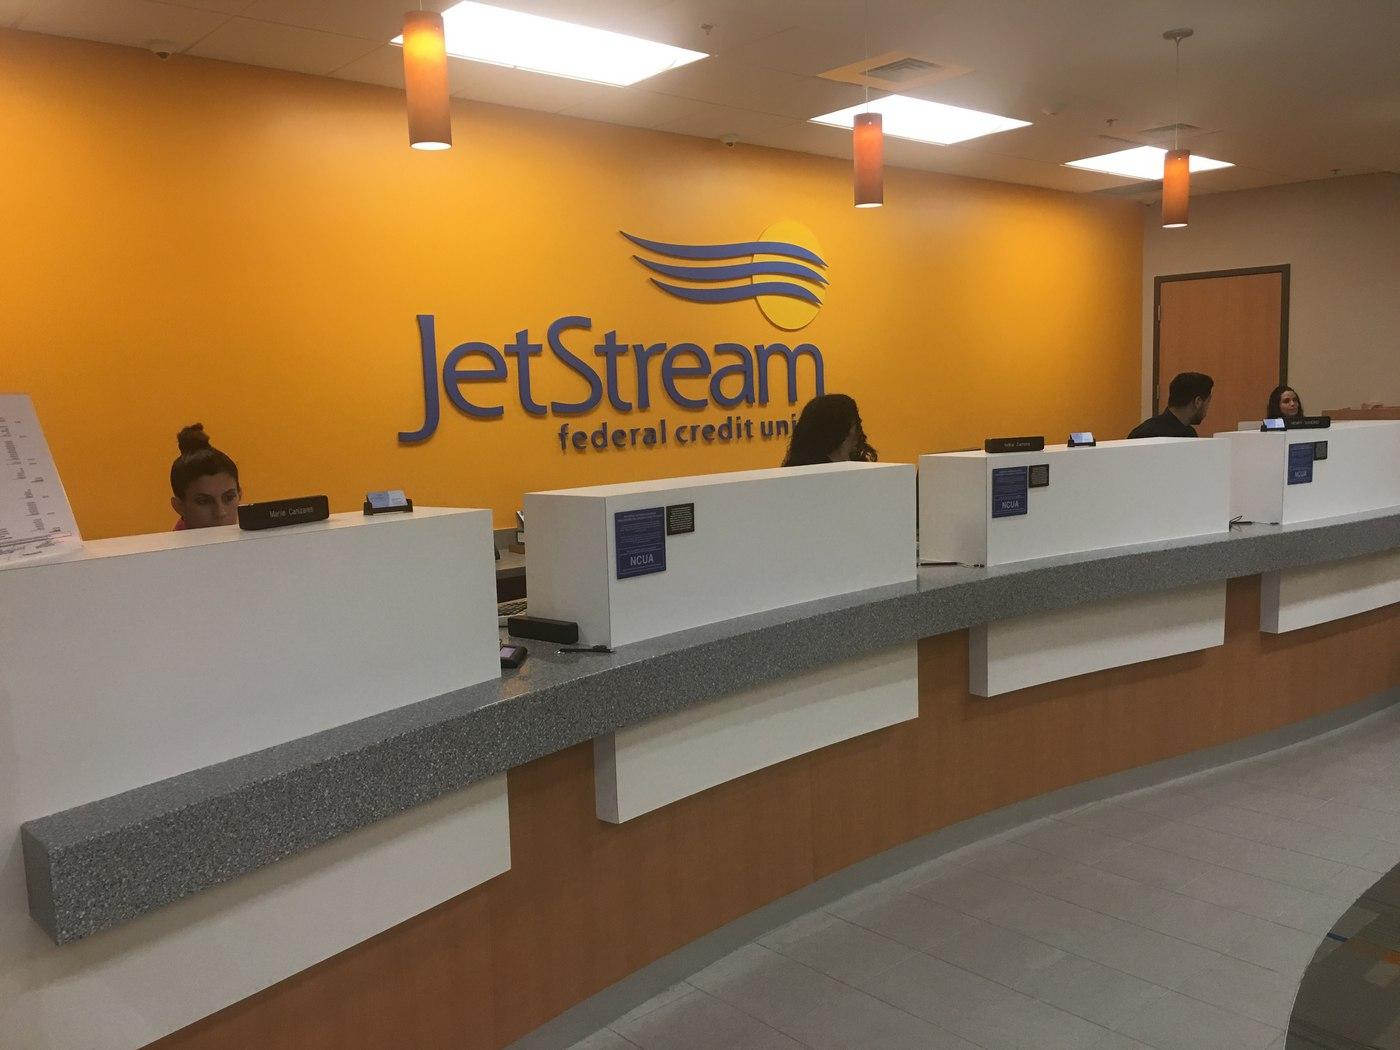 Jetstream_Tellers.jpg